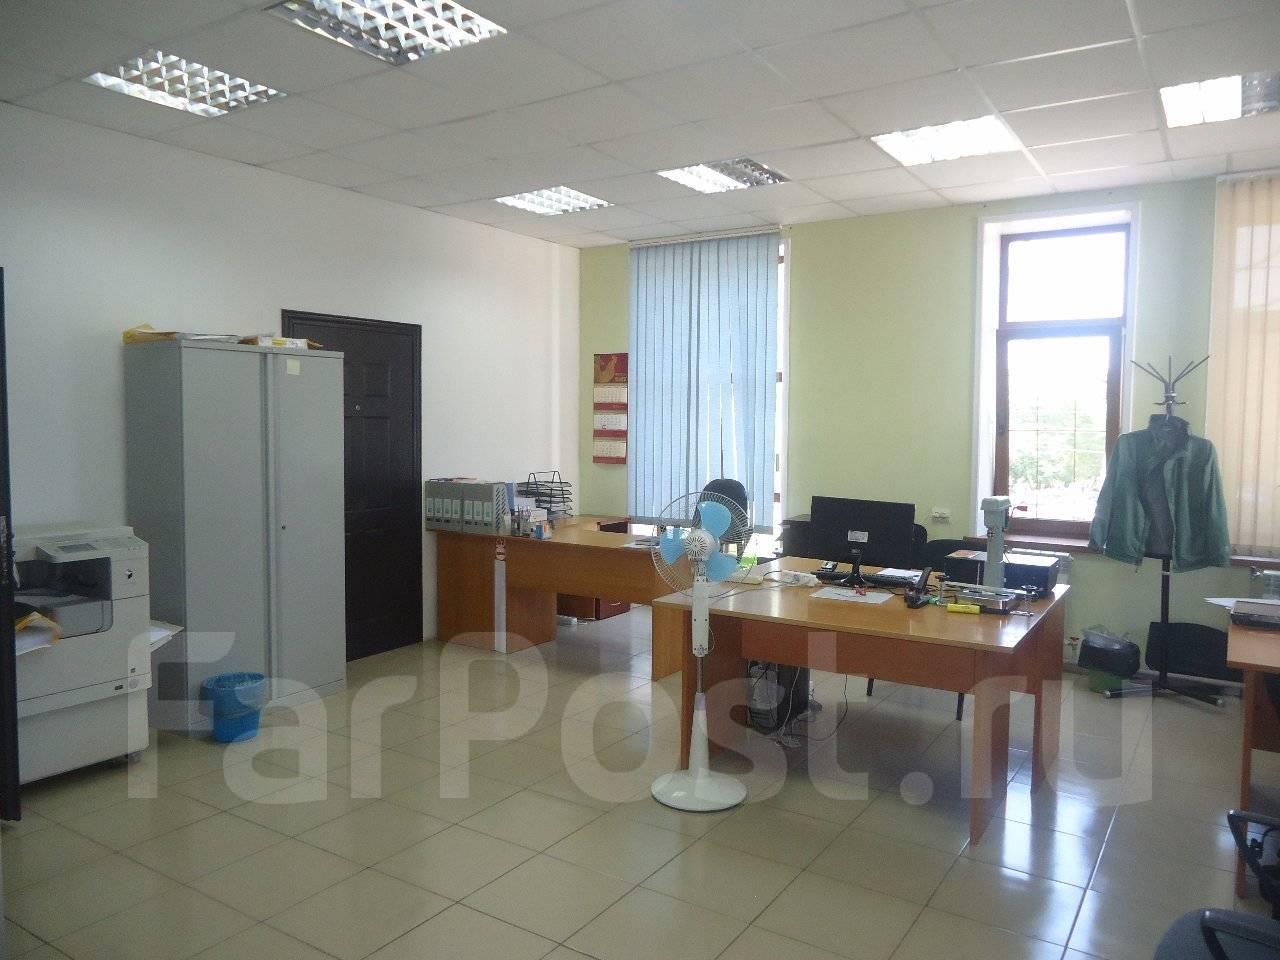 Офисные помещения под ключ Донбасская улица Аренда офиса Адмирала Макарова улица